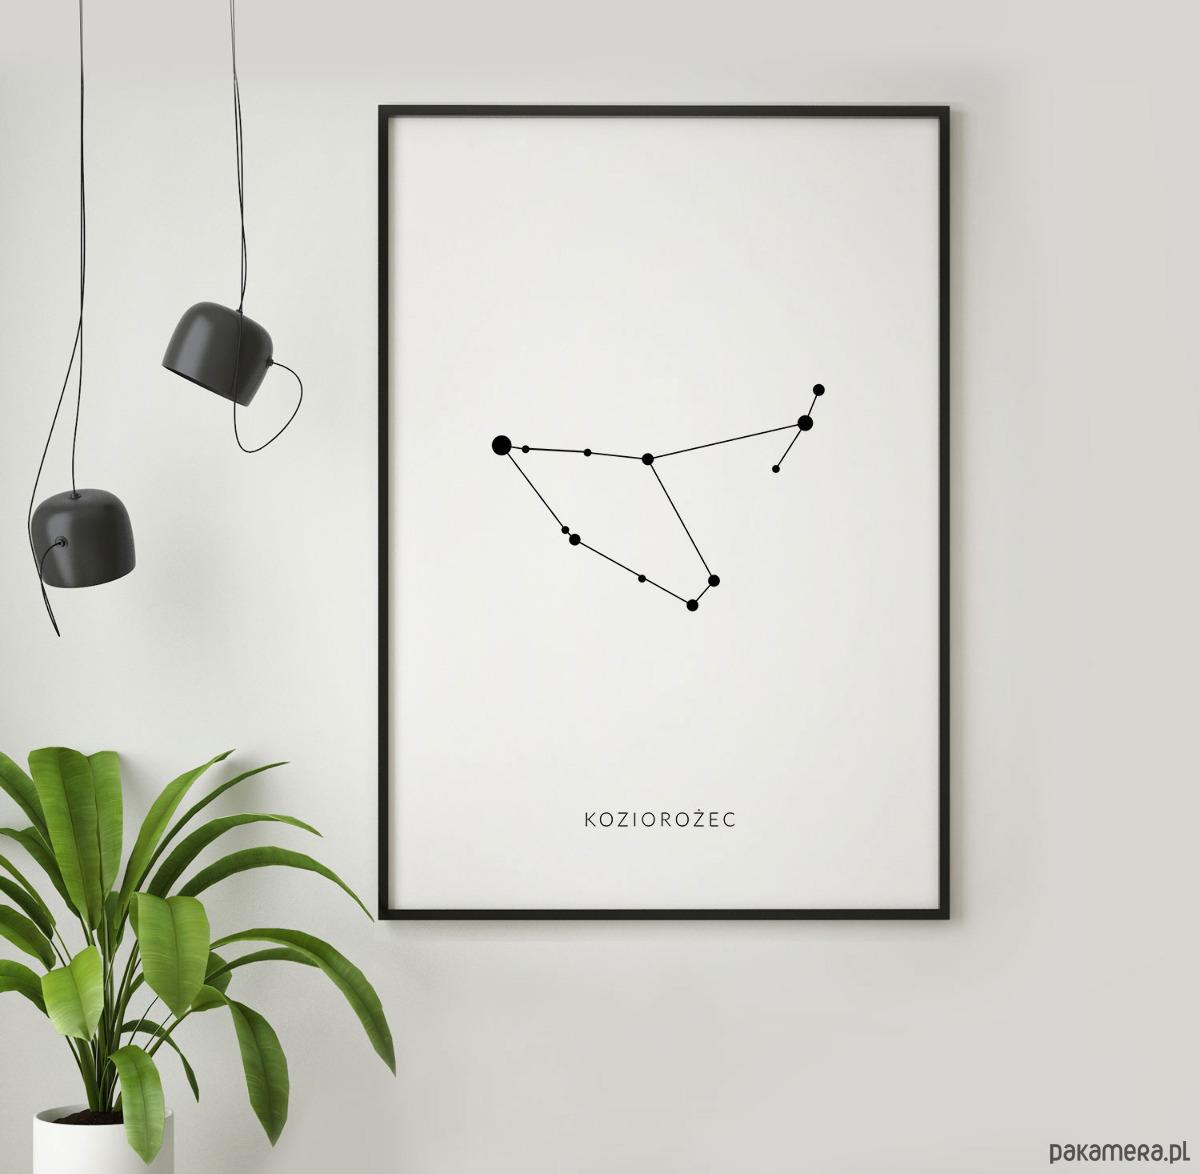 Koziorożec Znak Zodiaku Plakat Astronomiczny Pakamerapl